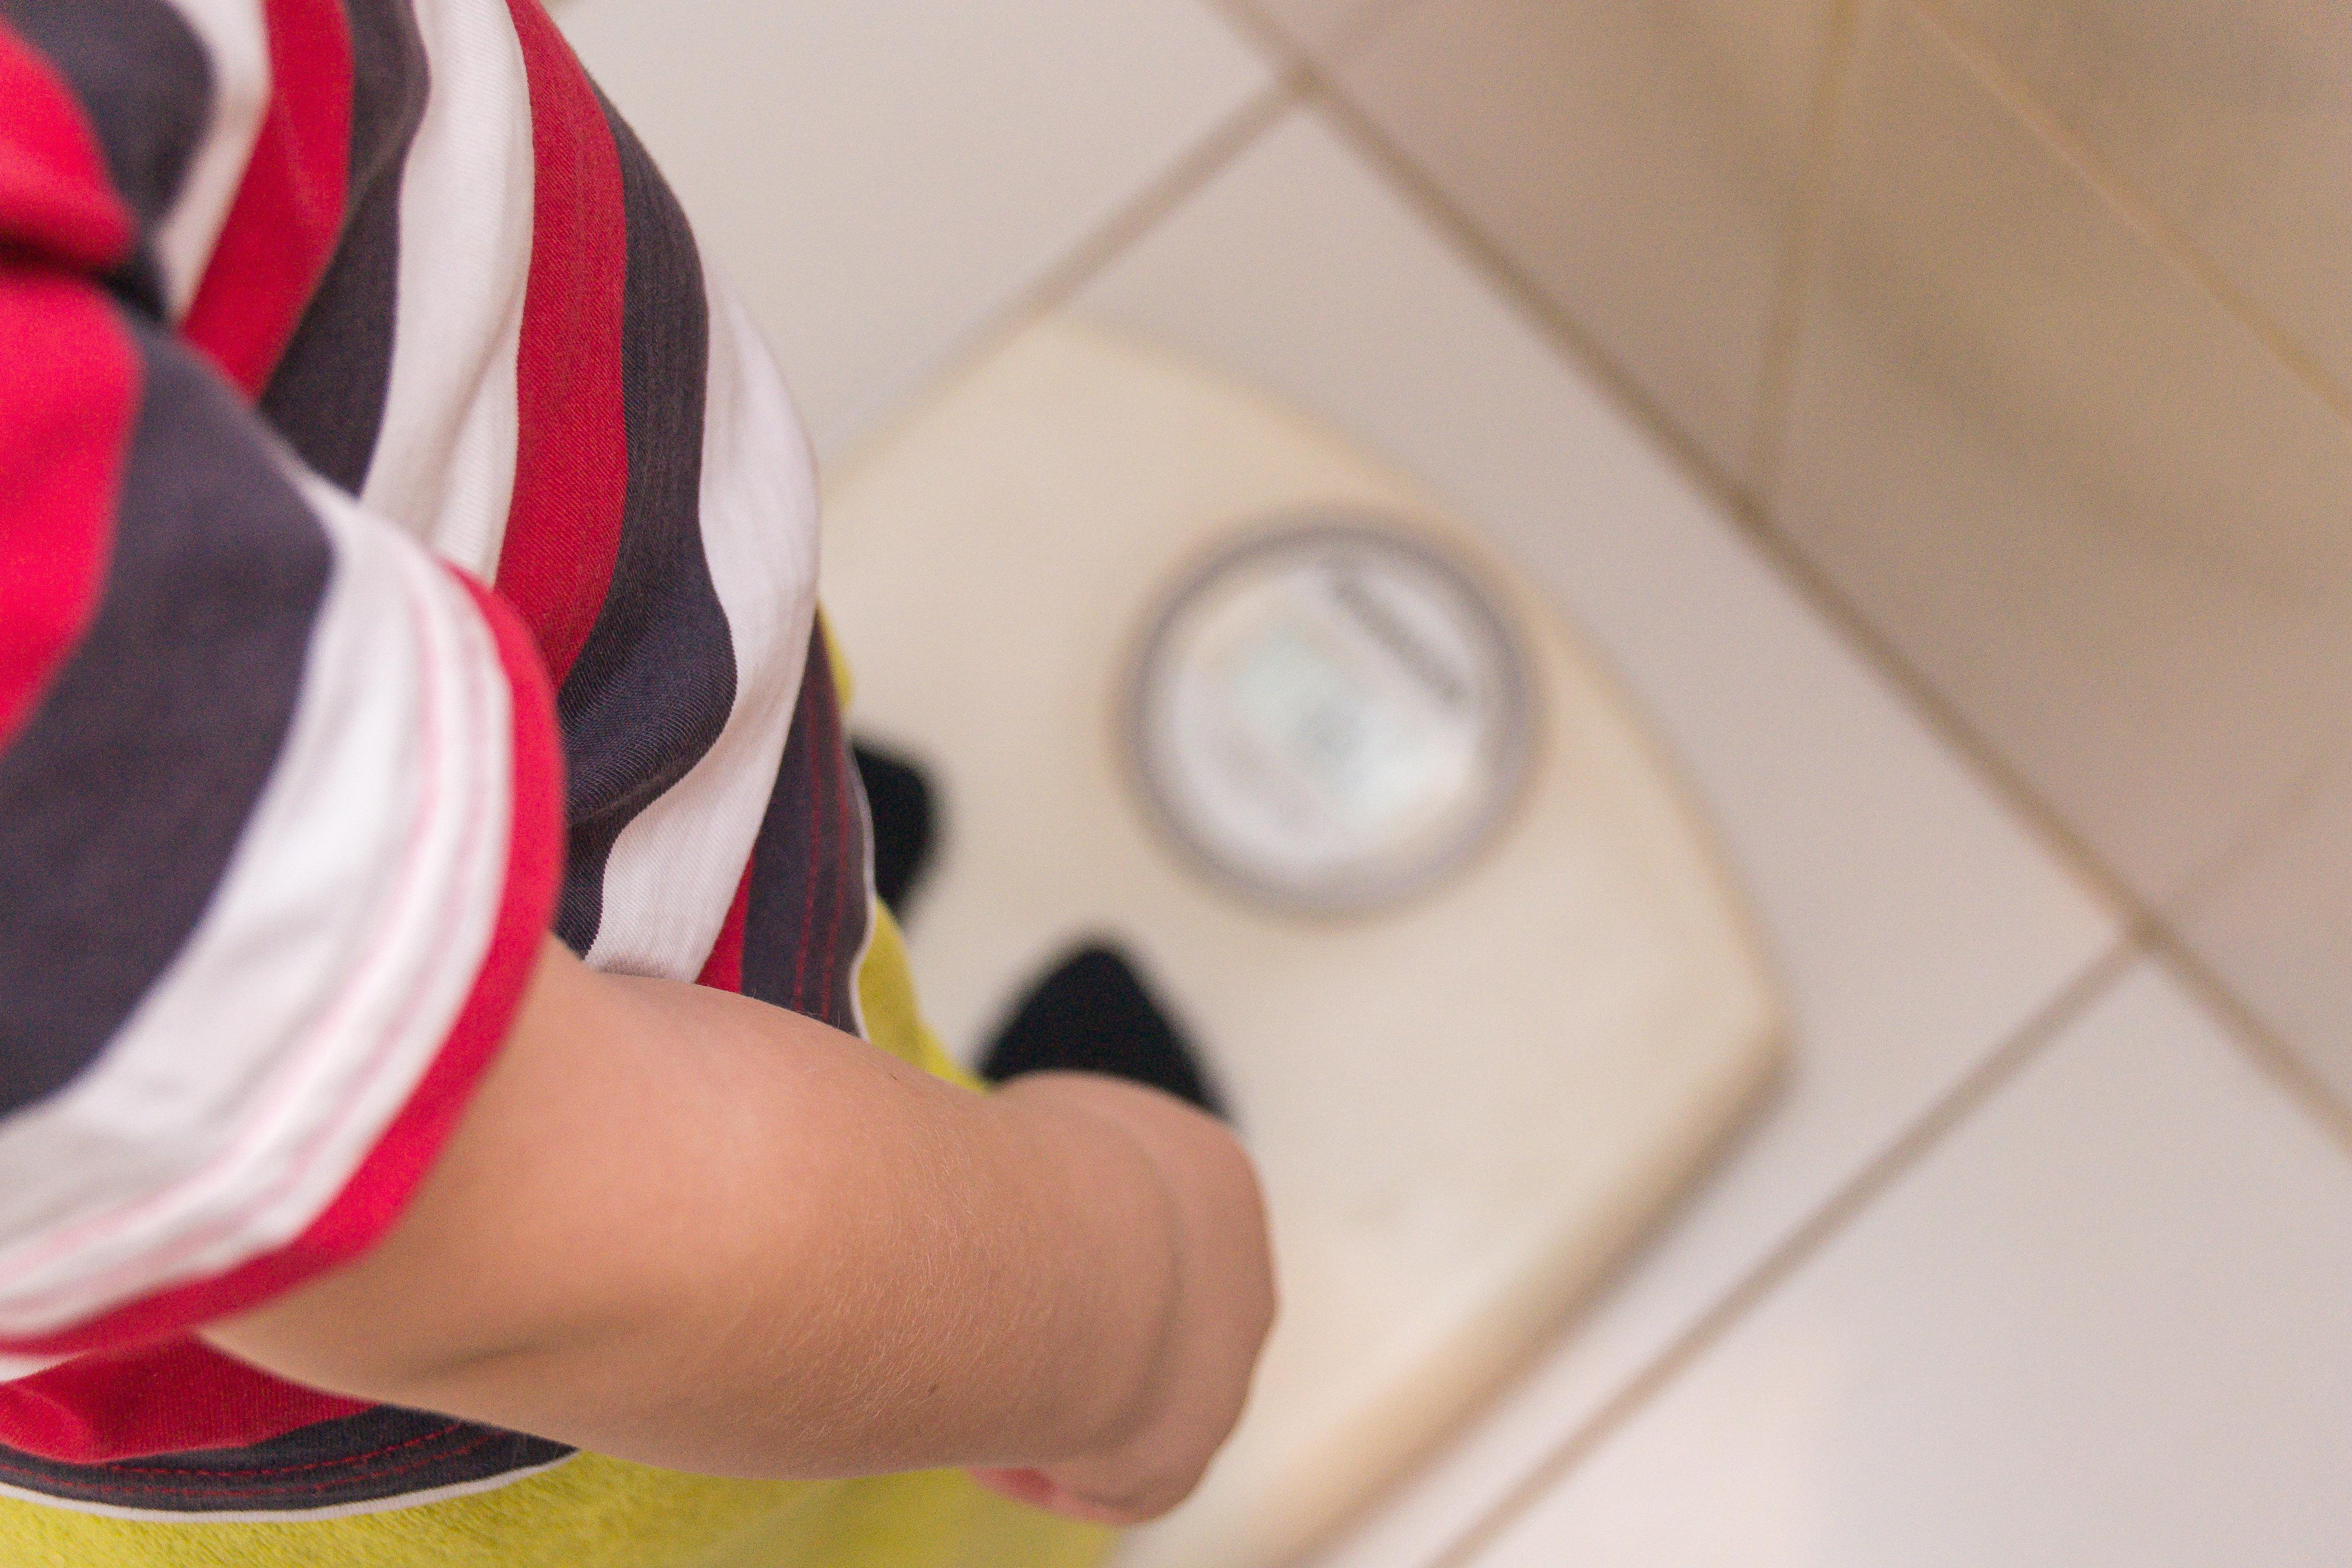 Ah pronto! Novo estudo culpa mães que trabalham por obesidade